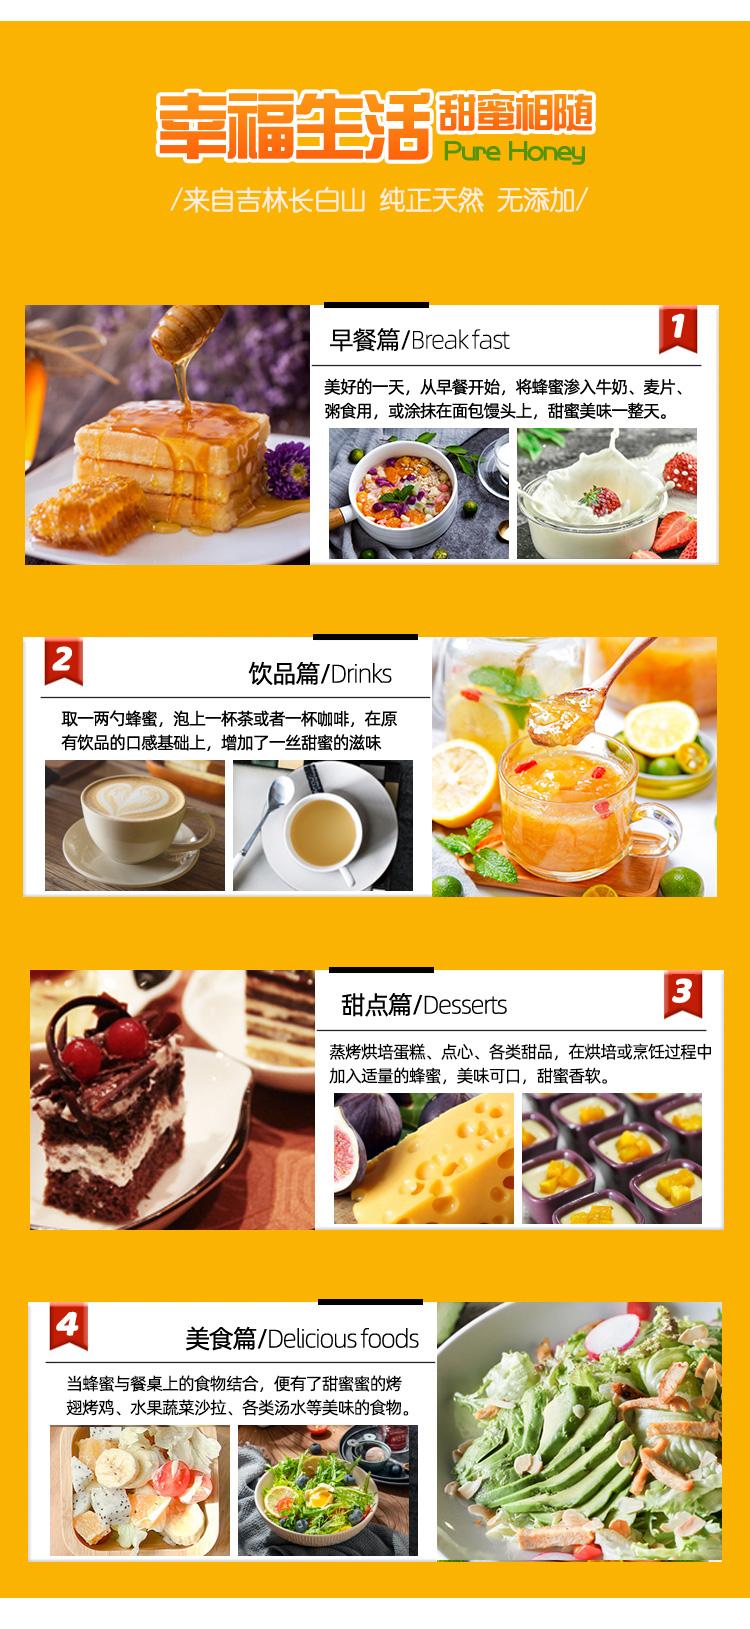 蜂蜜_09.jpg